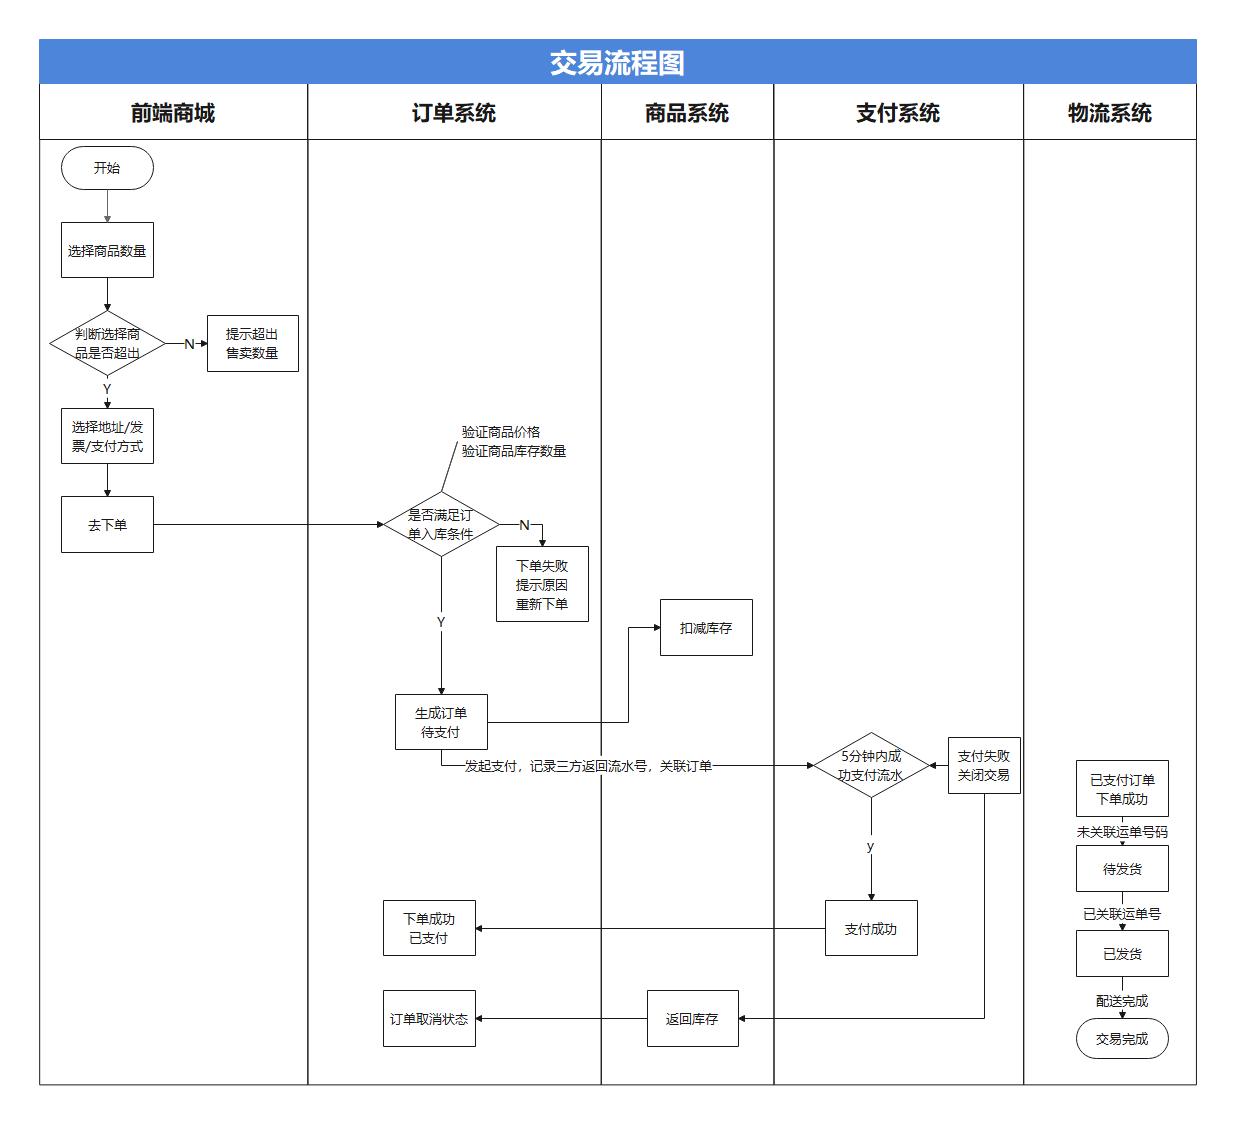 交易系统全链路流程图